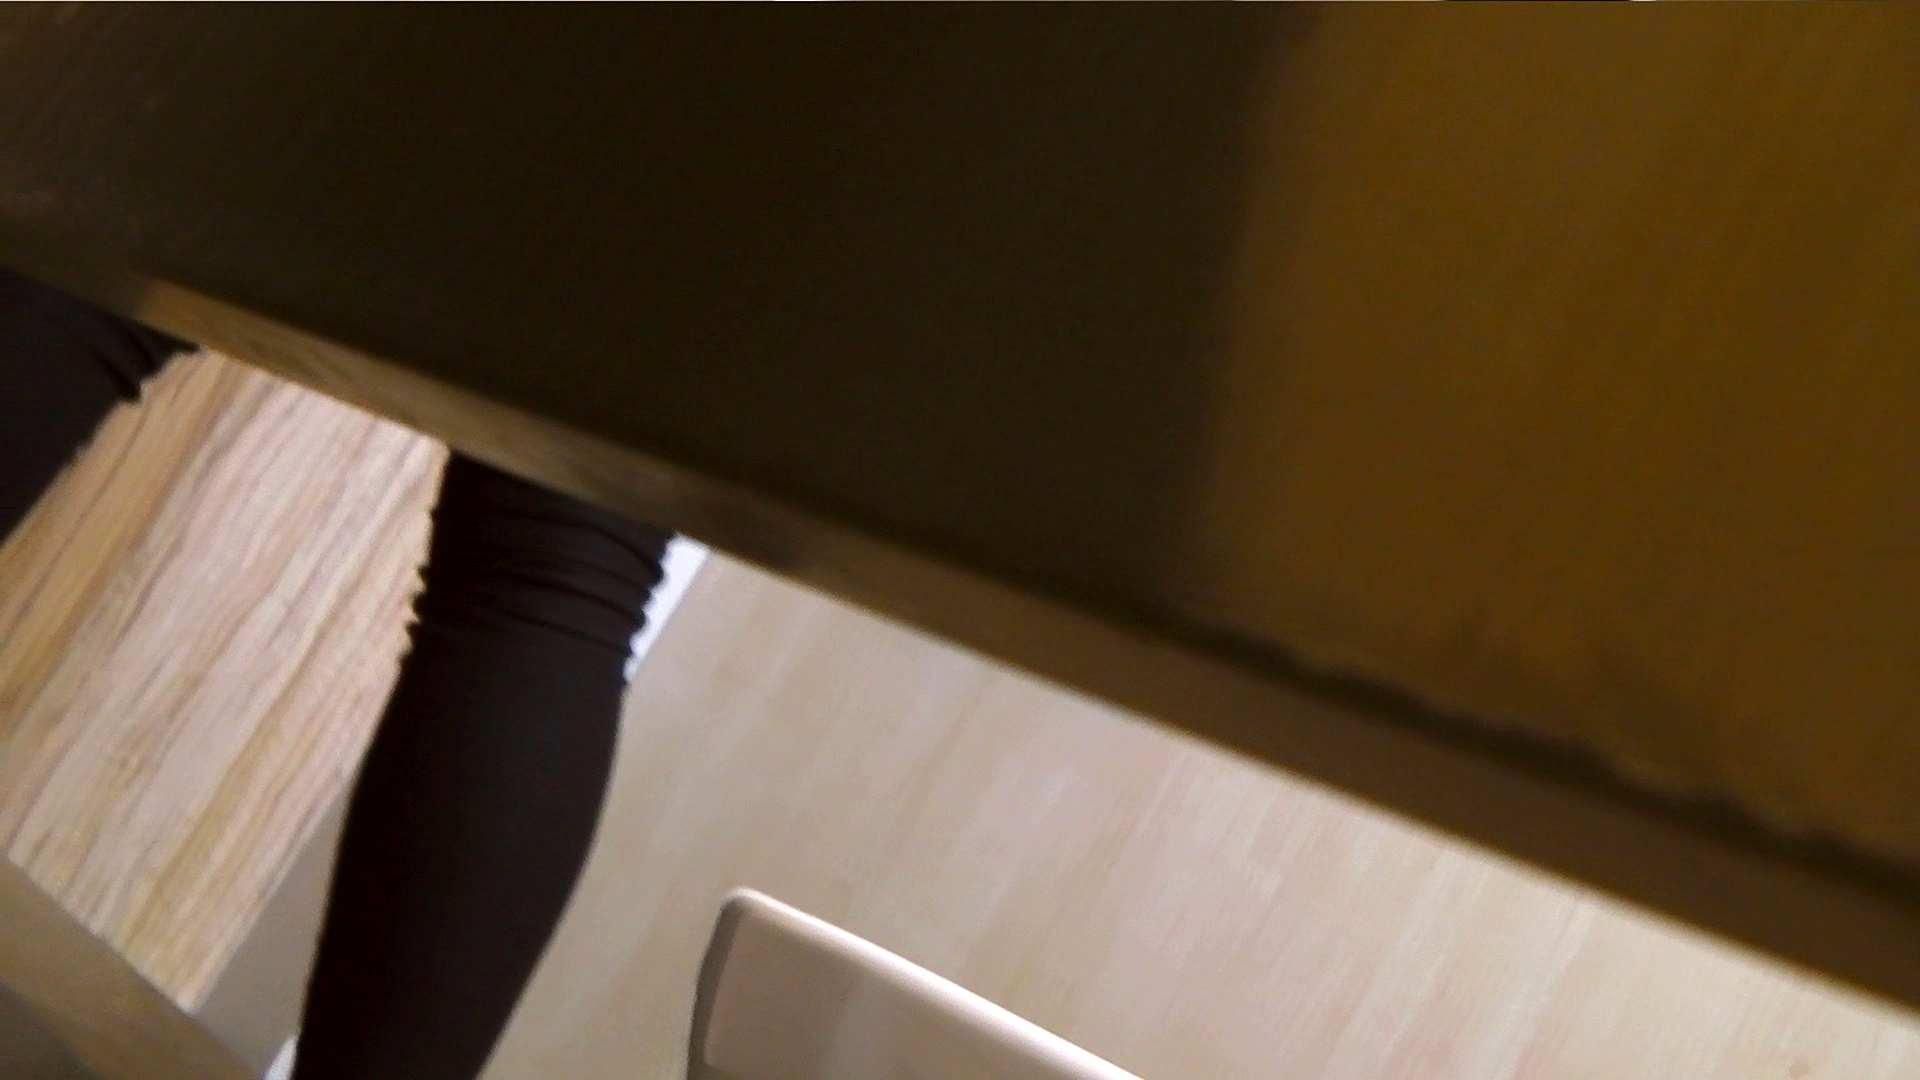 阿国ちゃんの「和式洋式七変化」No.3 盛合せ すけべAV動画紹介 106枚 10